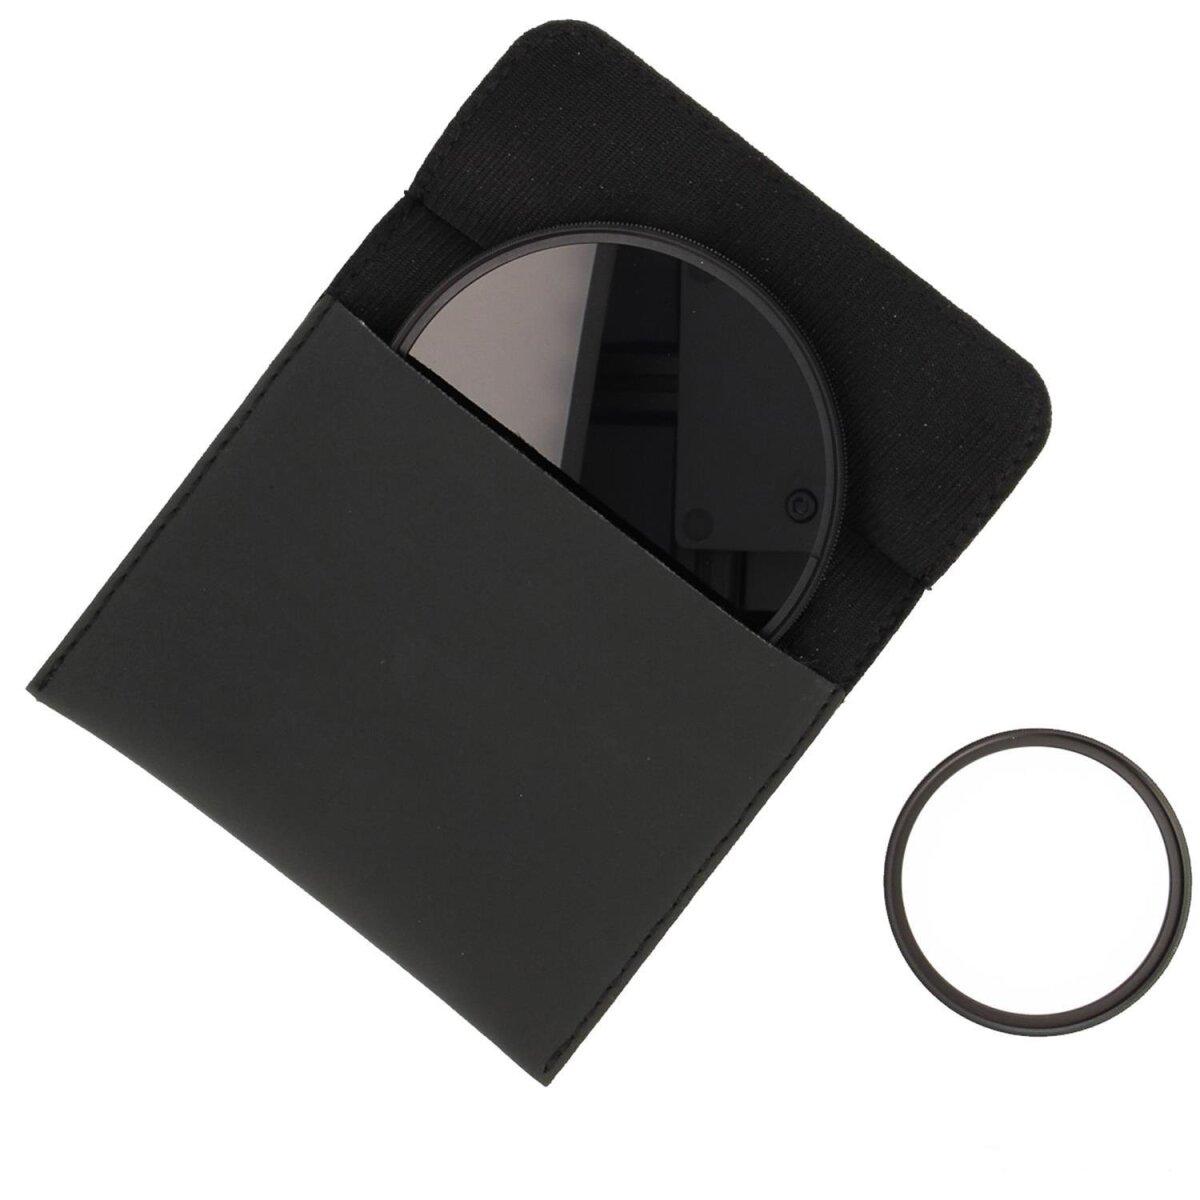 Minadax Objektivfilter Filtertasche Filteretui Größe M (115mm x 113mm) Schwarz für SLR, DSLR Kameras